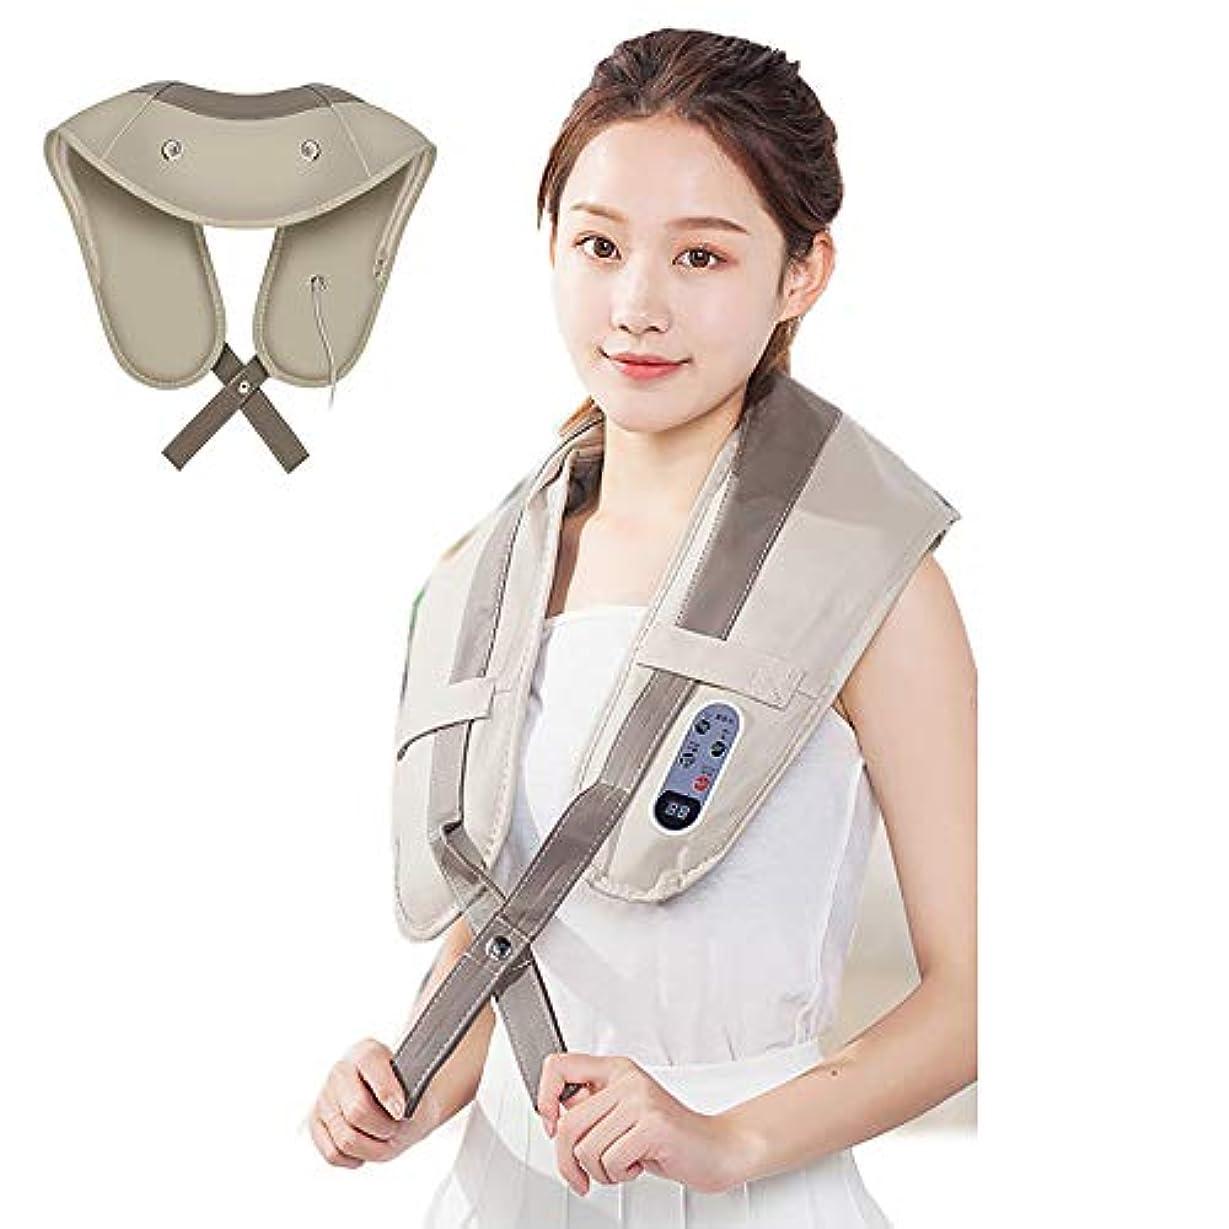 成功する告発小康背中の痛みを軽減するための頸椎ウエストマッサージャーショール-肩のマッサージでポータブルバンギングピローバックマッサージャーベルト-フルボディマッサージャー